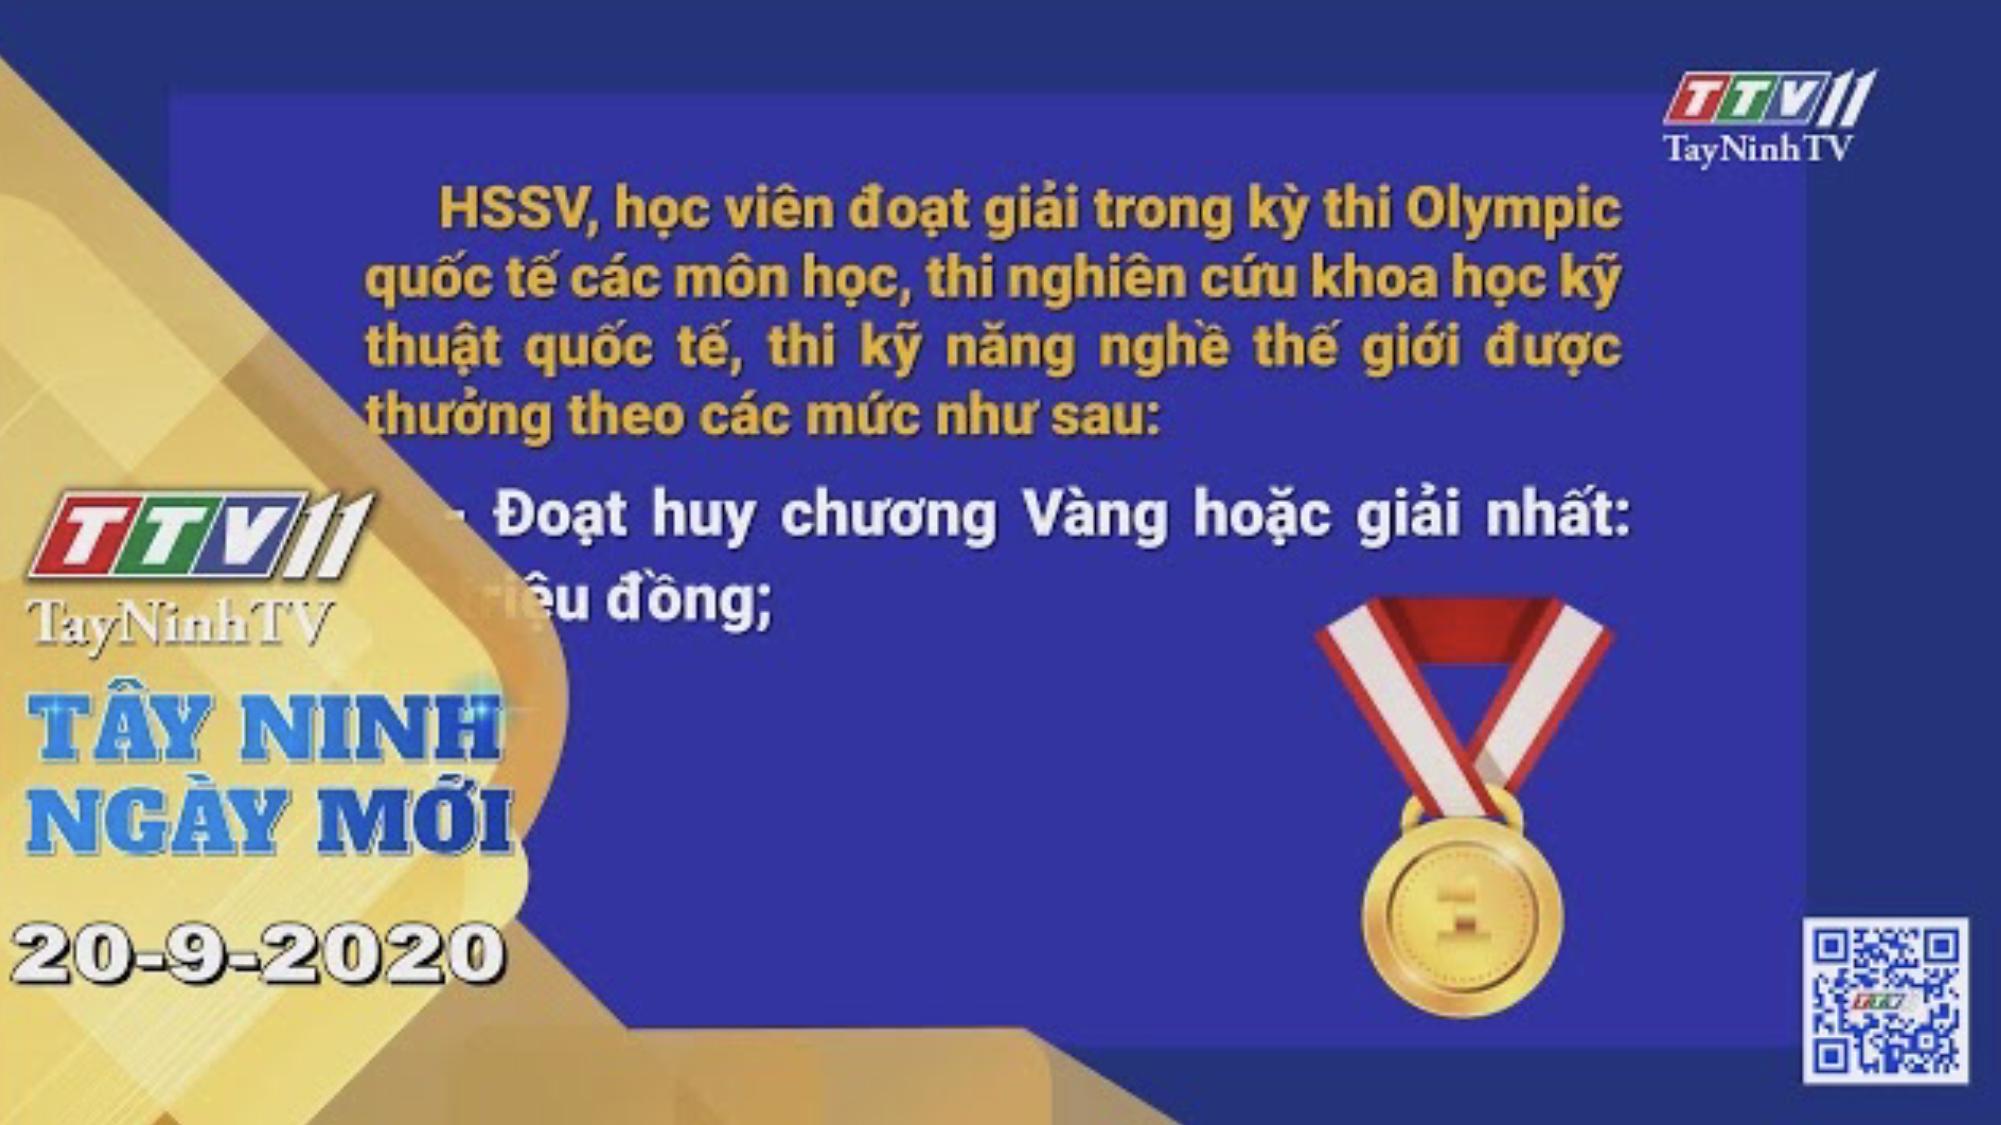 Tây Ninh Ngày Mới 20-9-2020 | Tin tức hôm nay | TayNinhTV